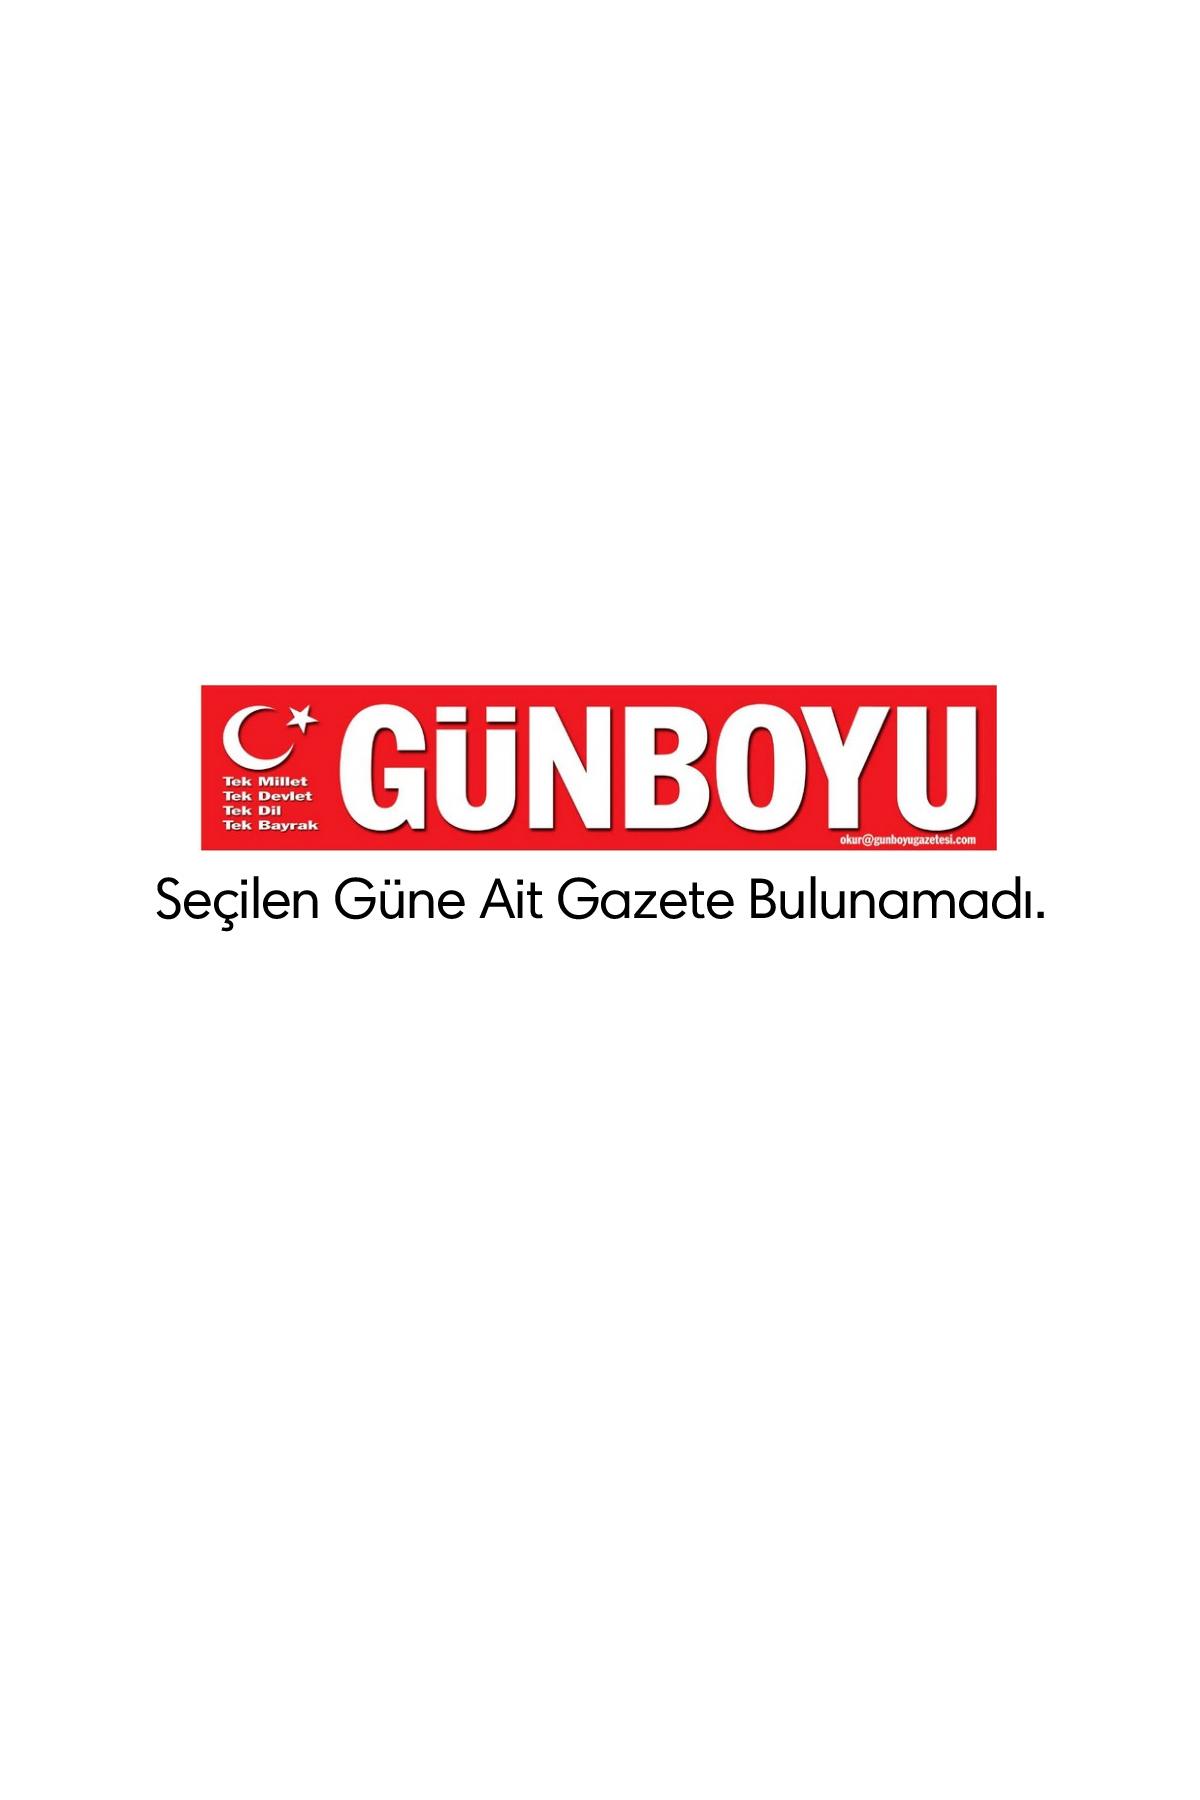 gunboyu